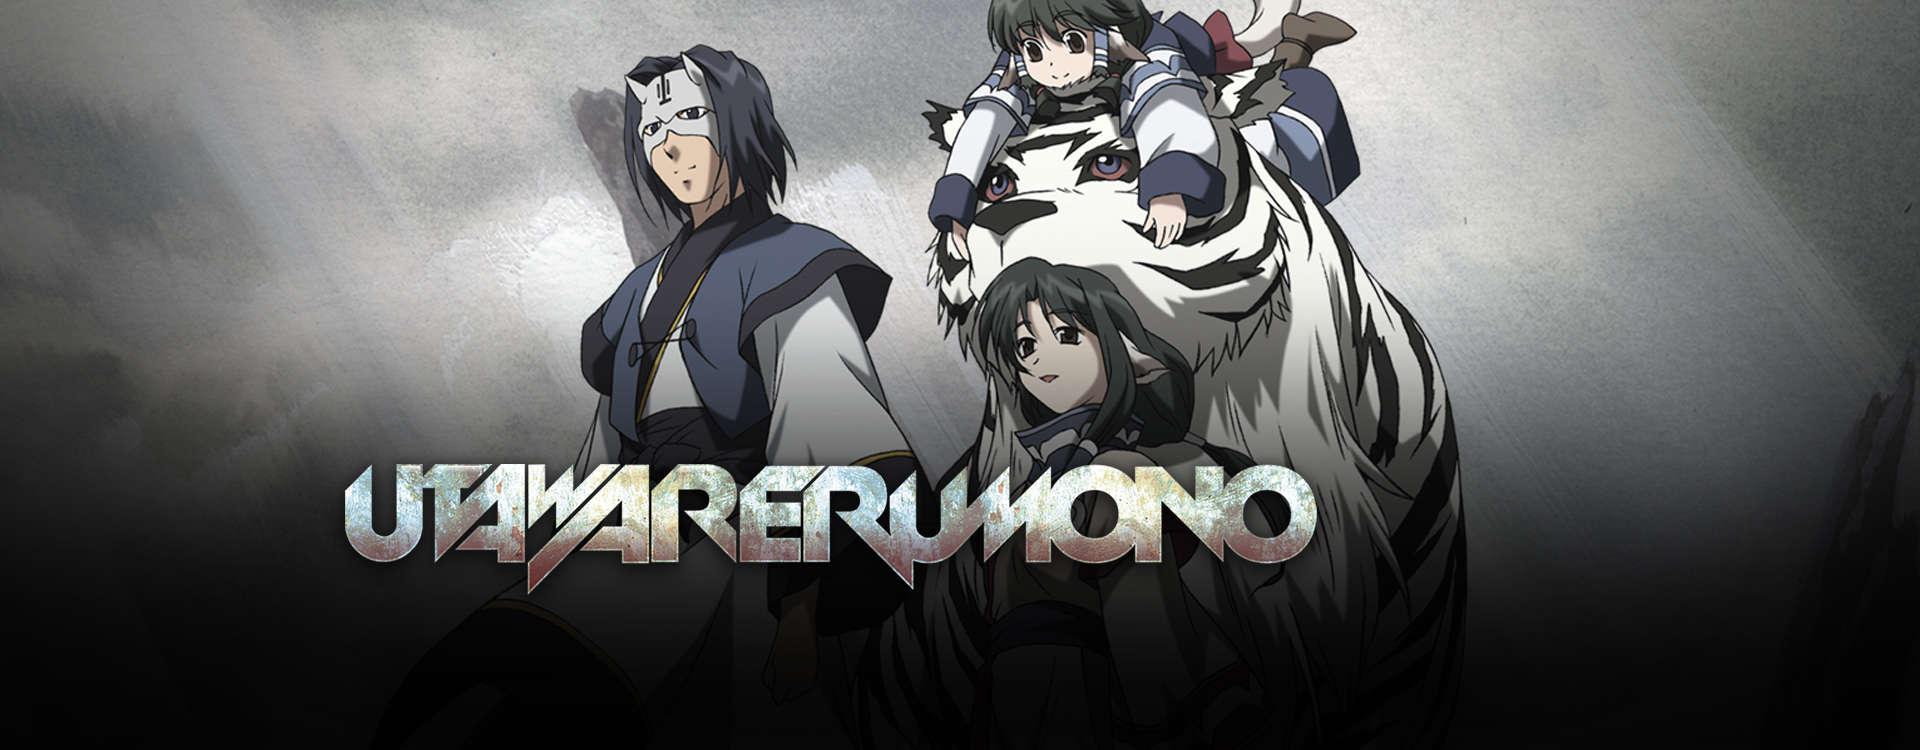 Utawarerumono Serien Stream